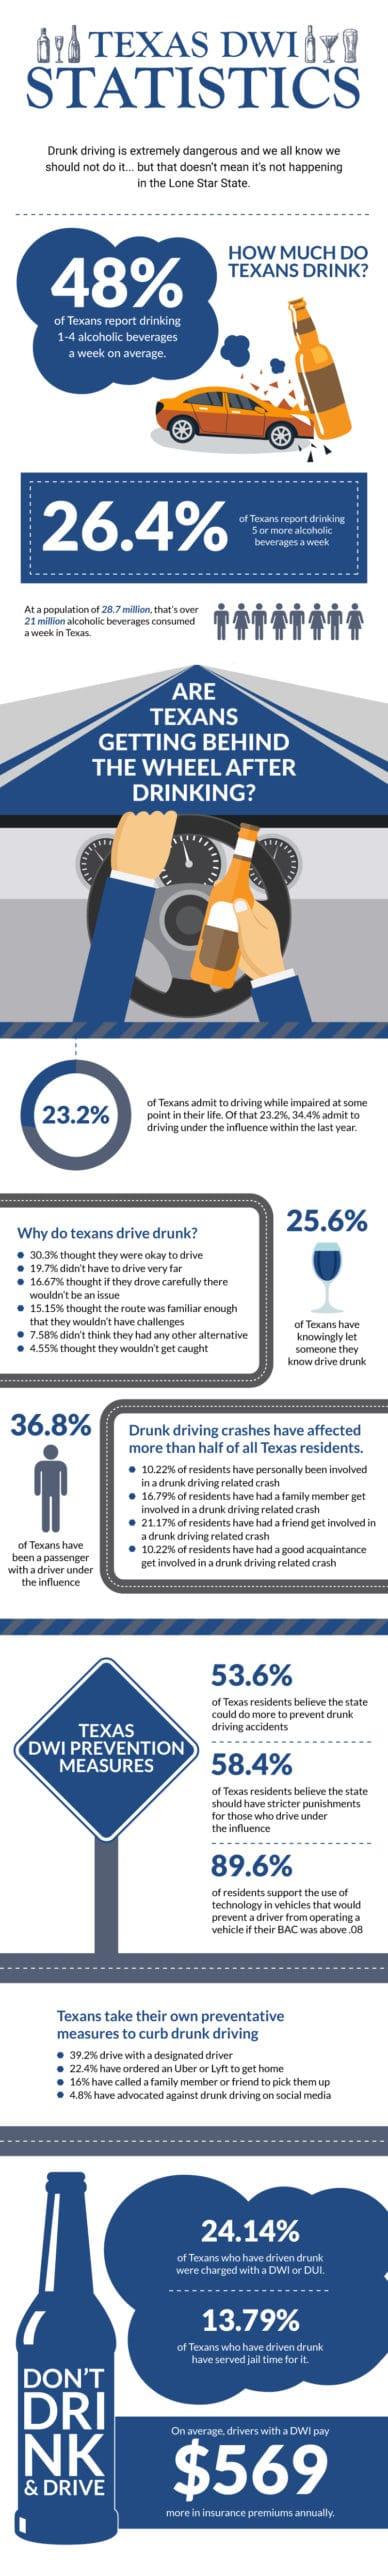 Texas DWI Statistics